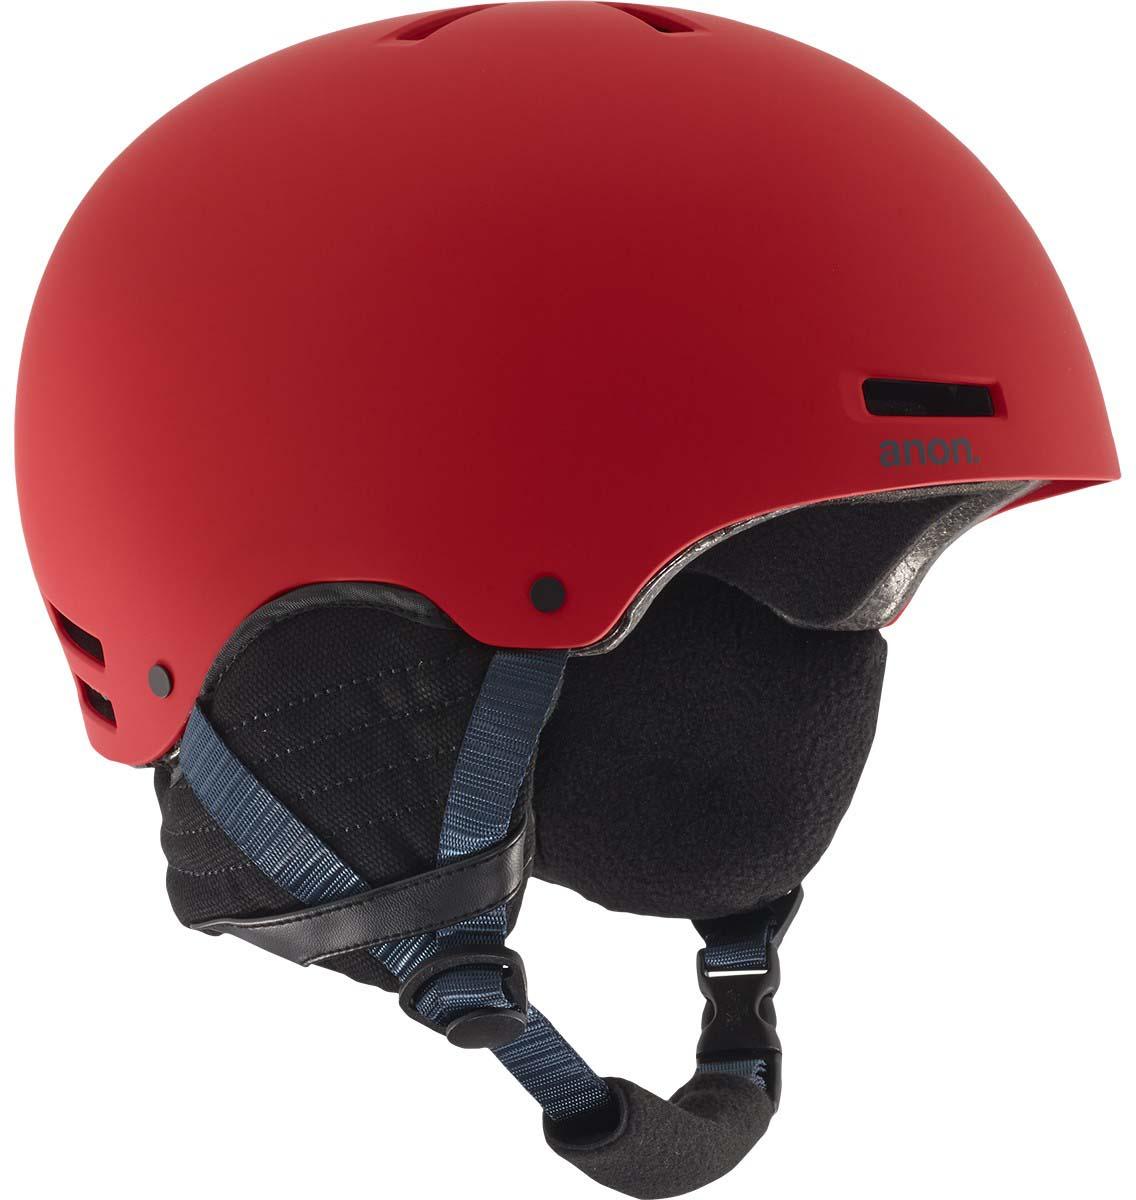 Шлем горнолыжный Anon Rodan, цвет: красный. Размер L anon маска сноубордическая anon somerset pellow gold chrome